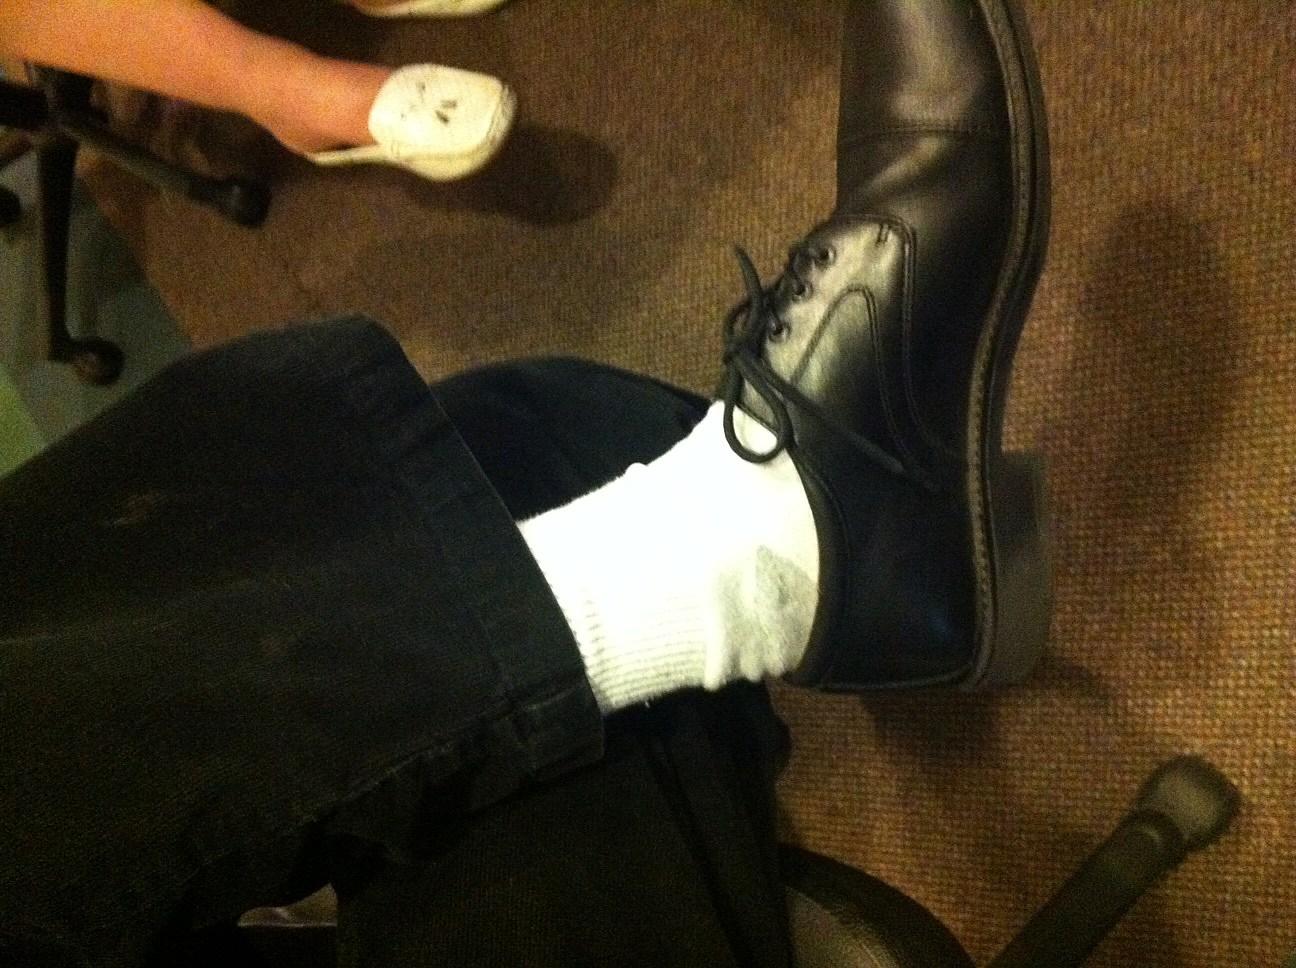 Are White Dress Socks OK? [POLL]